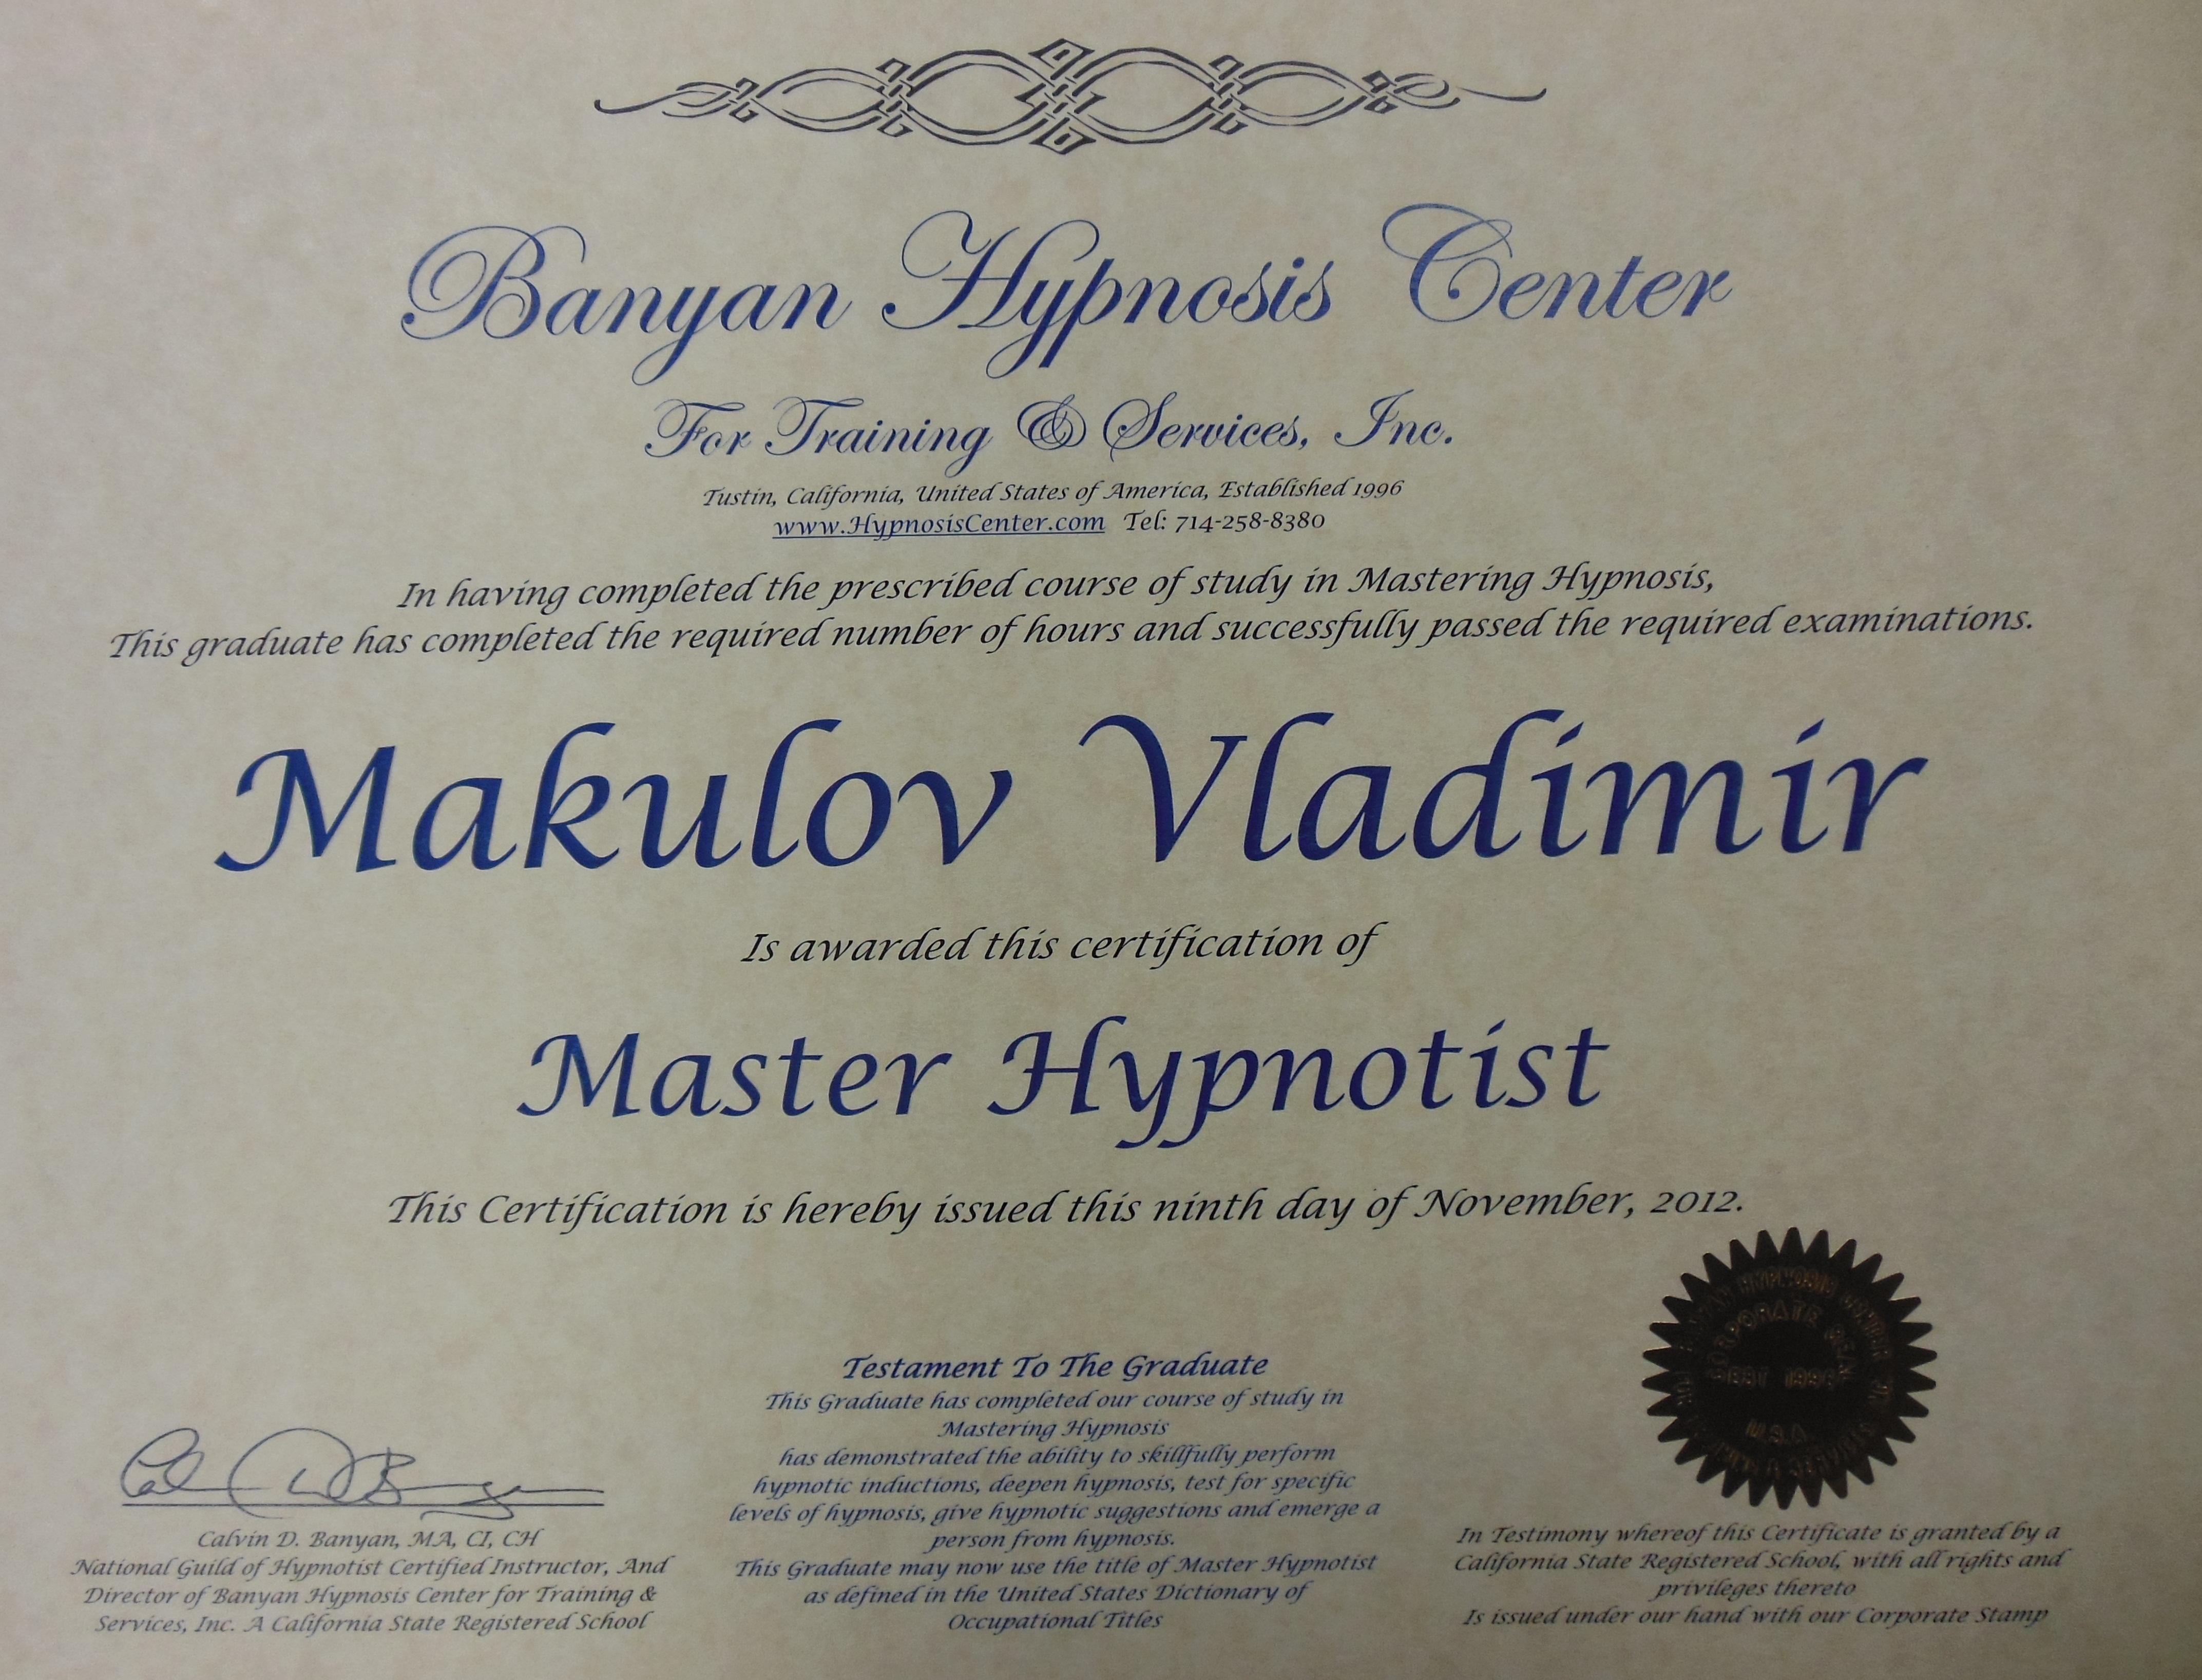 Master Hypnotist